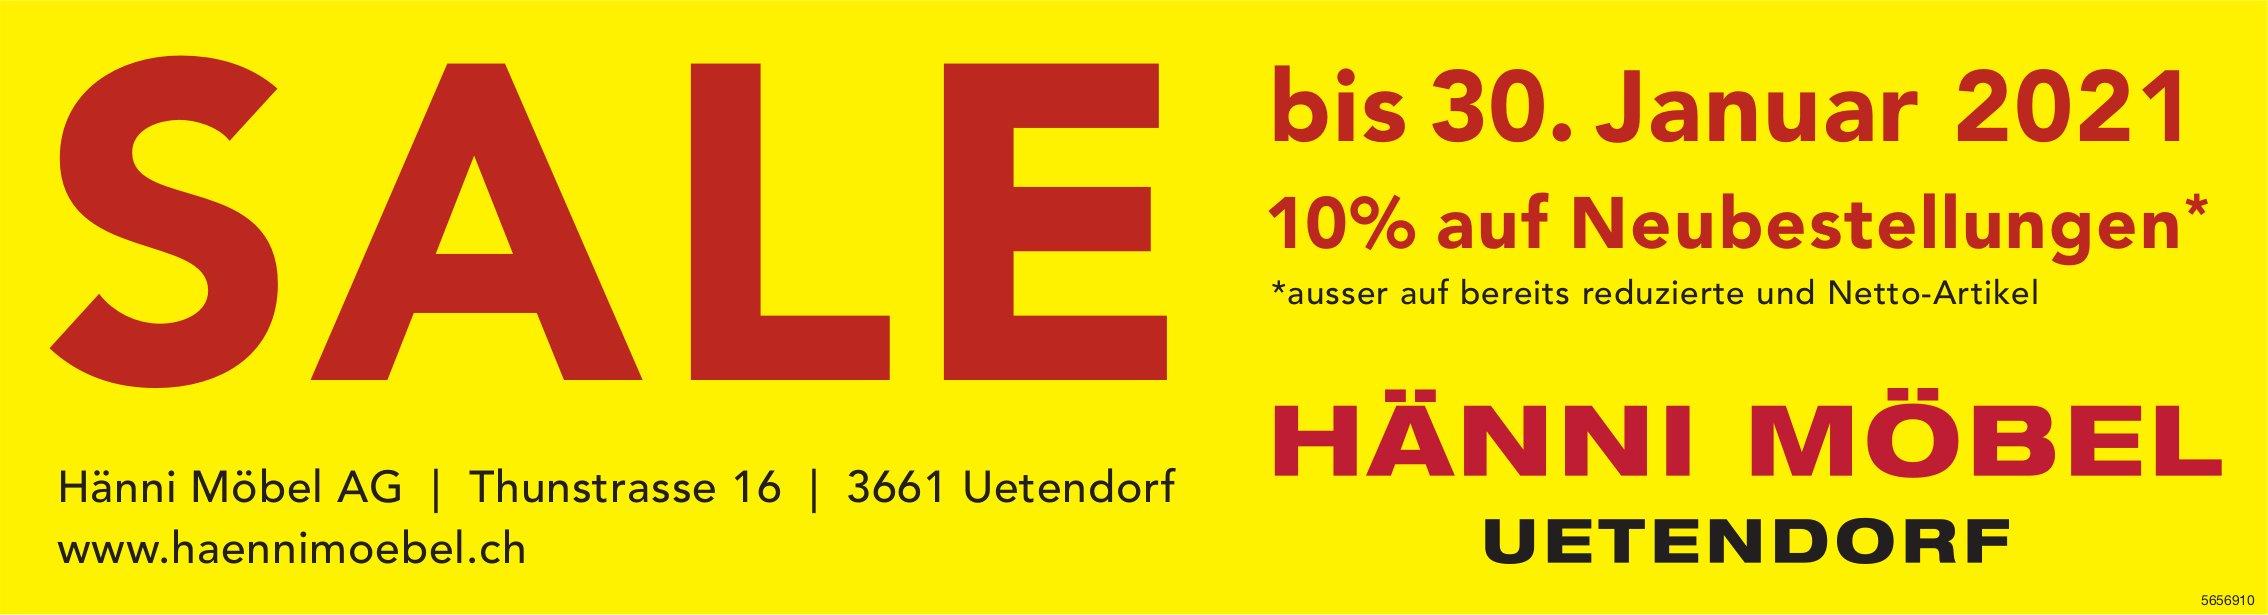 Sale bis 30. Januar - Hänni Möbel AG, Uetendorf